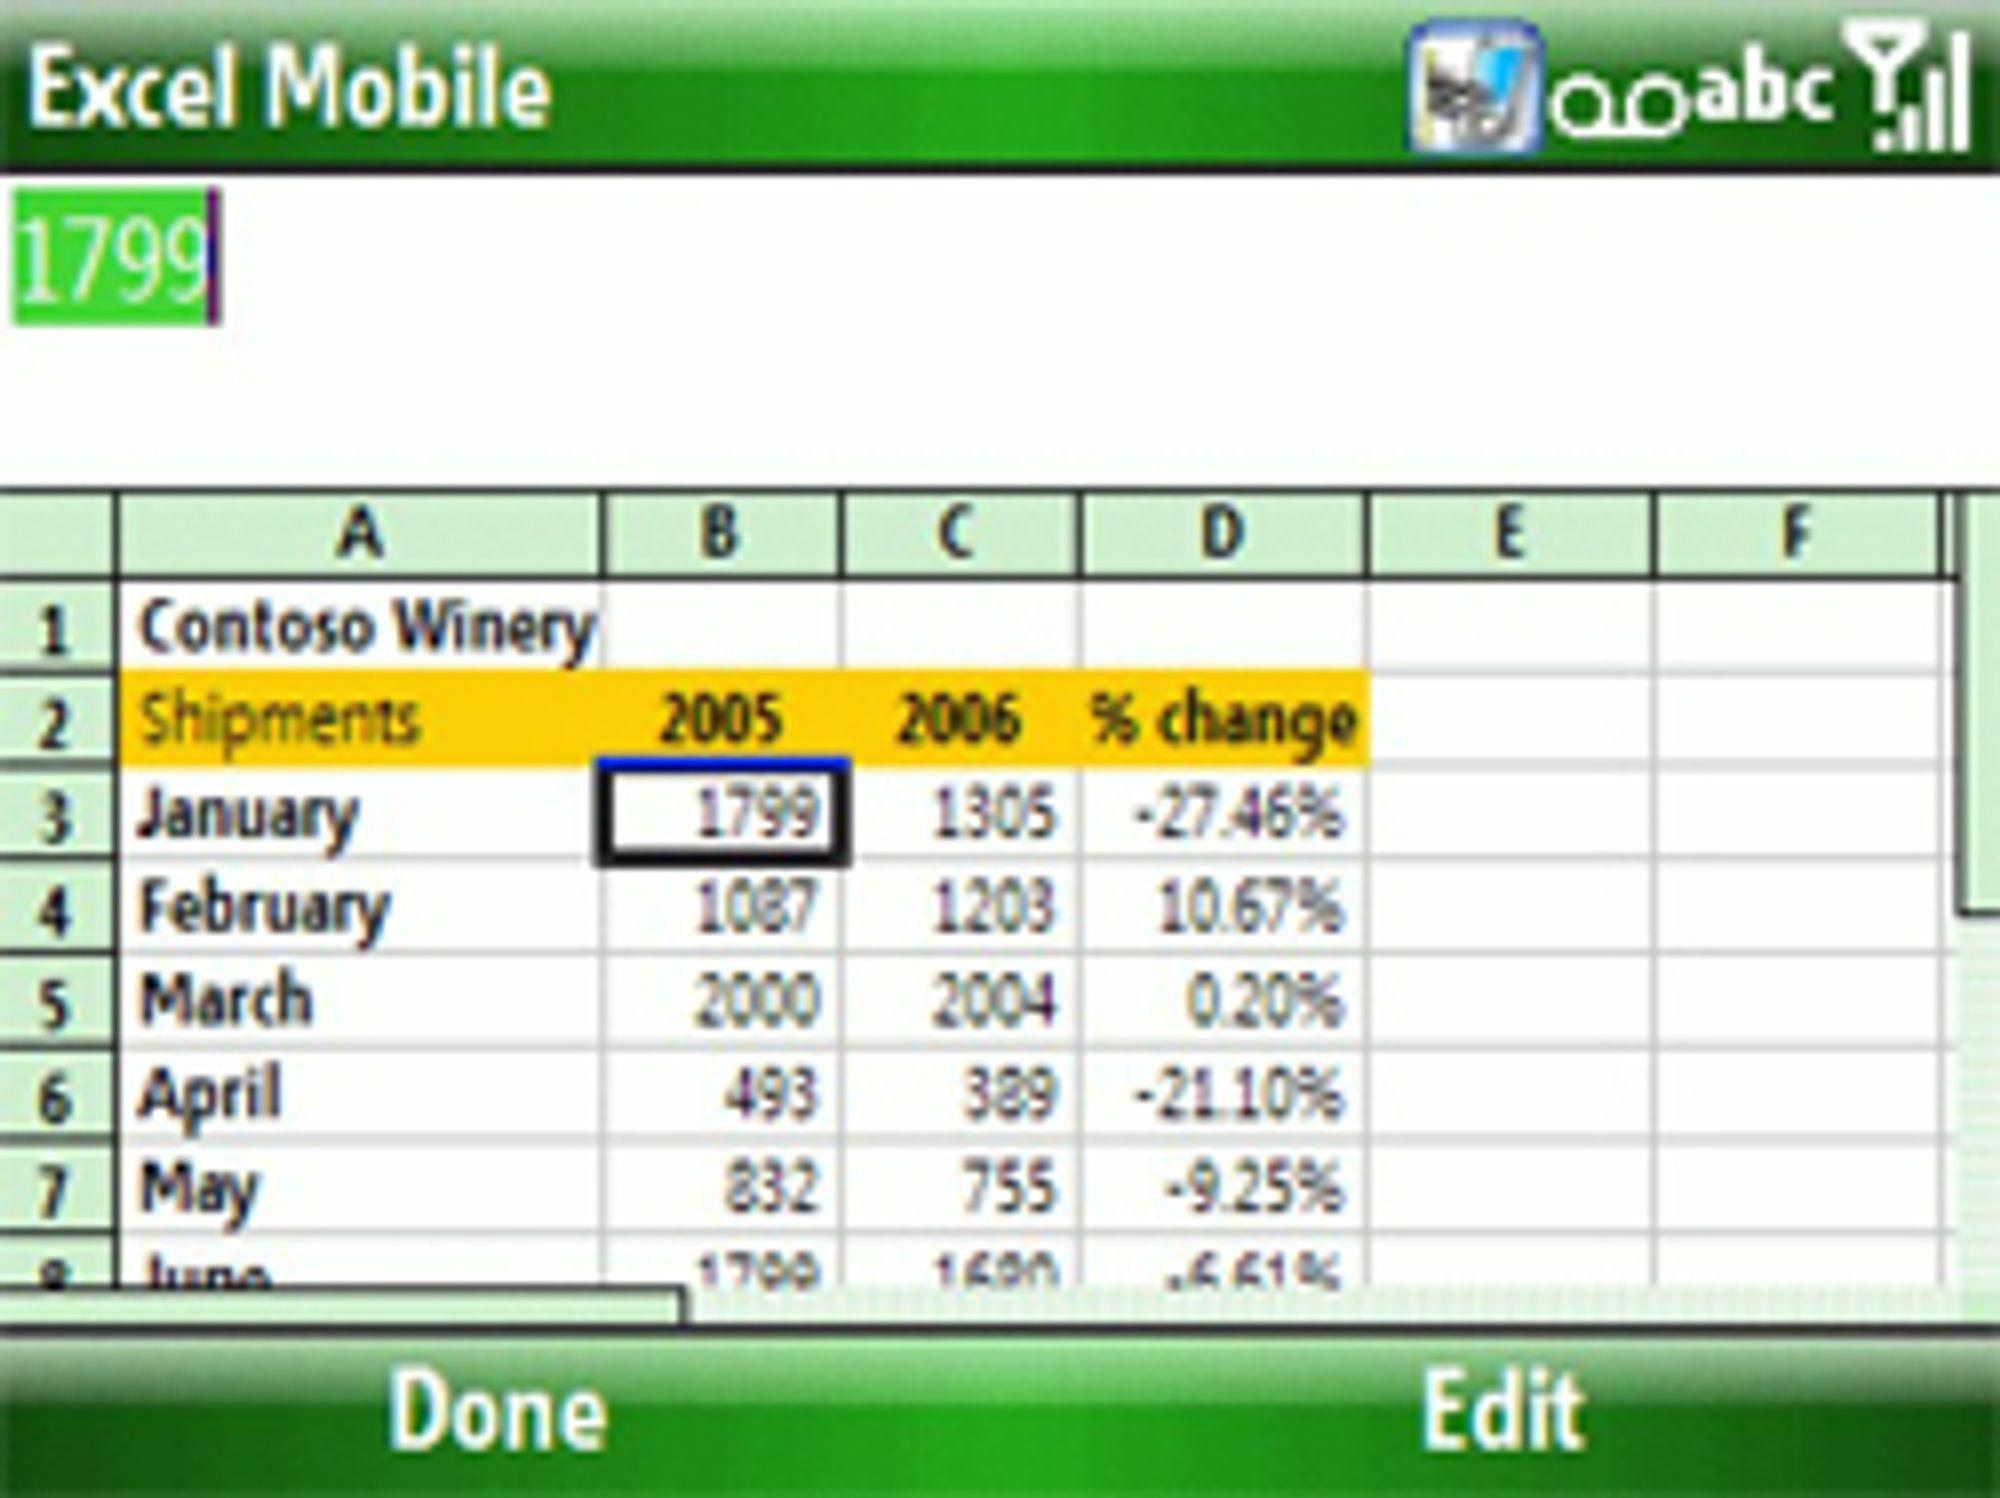 Den nye Office Mobile skal gjøre det enklere å se på Excel-ark på mobilen. (Foto: Pocket PC Thoughts)